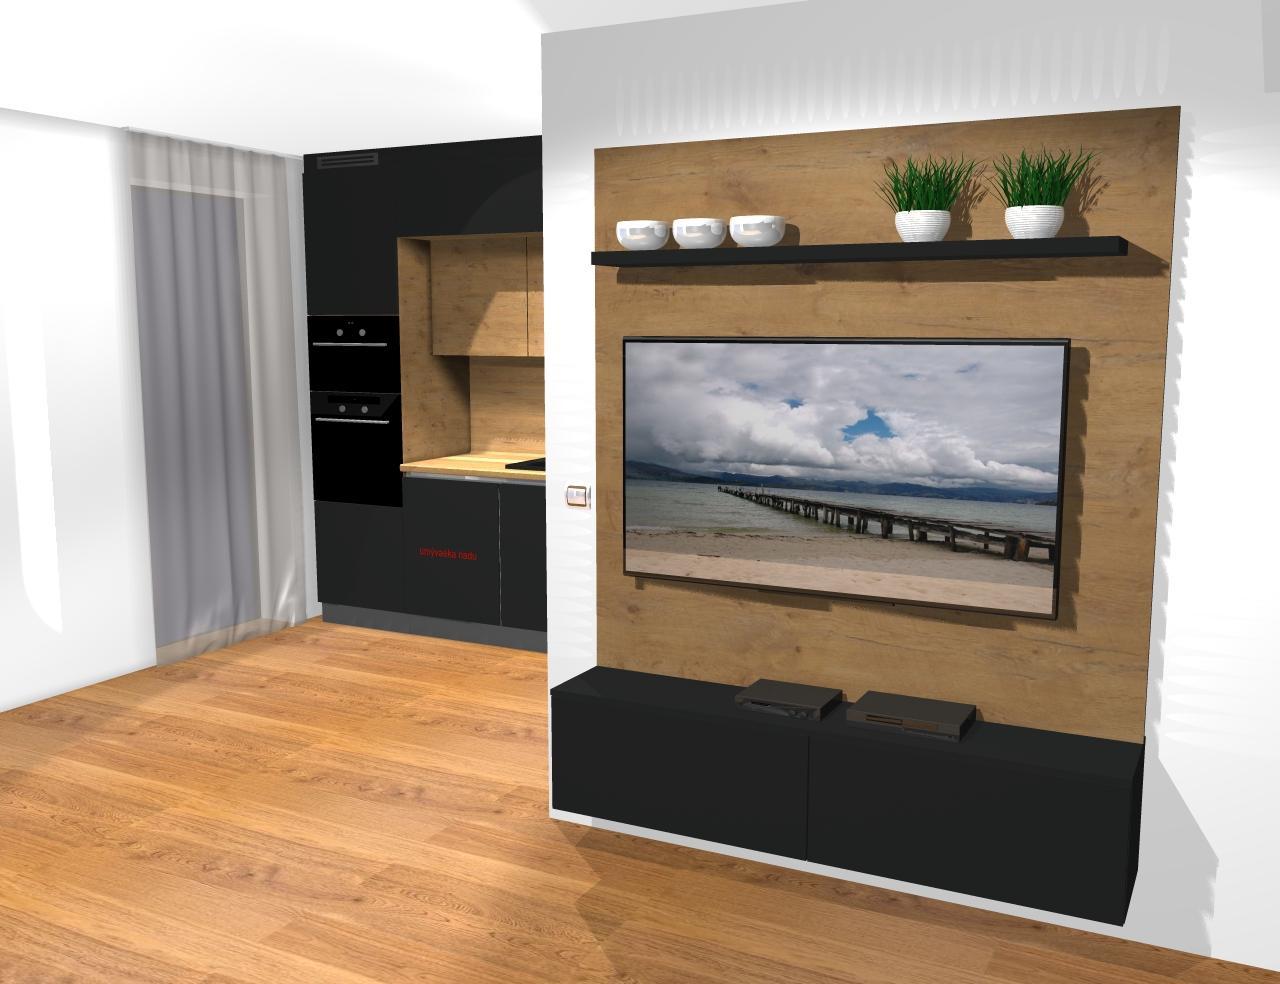 Grafické návrhy kuchynských liniek 2019 - Grafický návrh kuchyne a Tv steny do paneláku v BB - obr.3